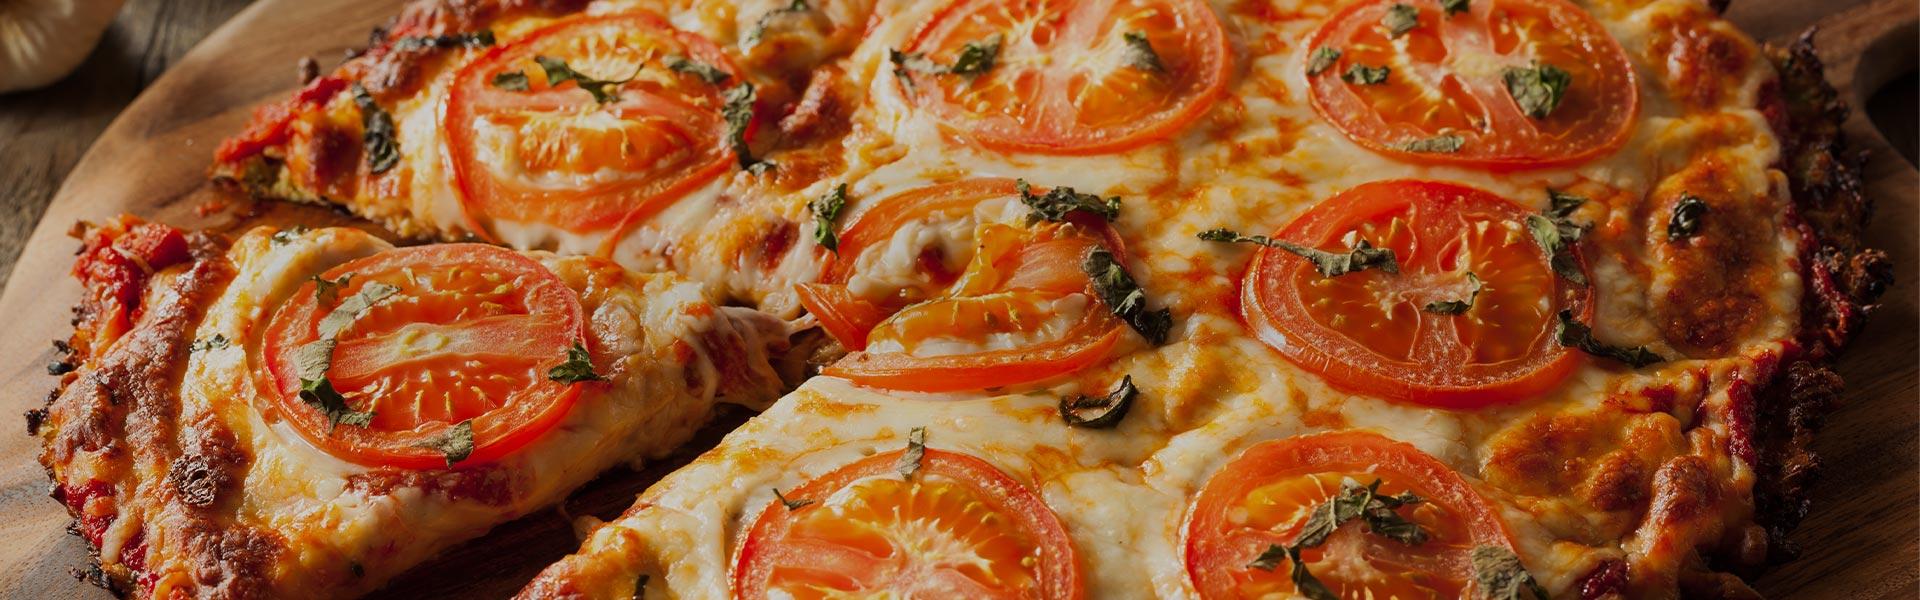 Las Mejores Recetas De Masa De Pizza Y Recetas De Pizza